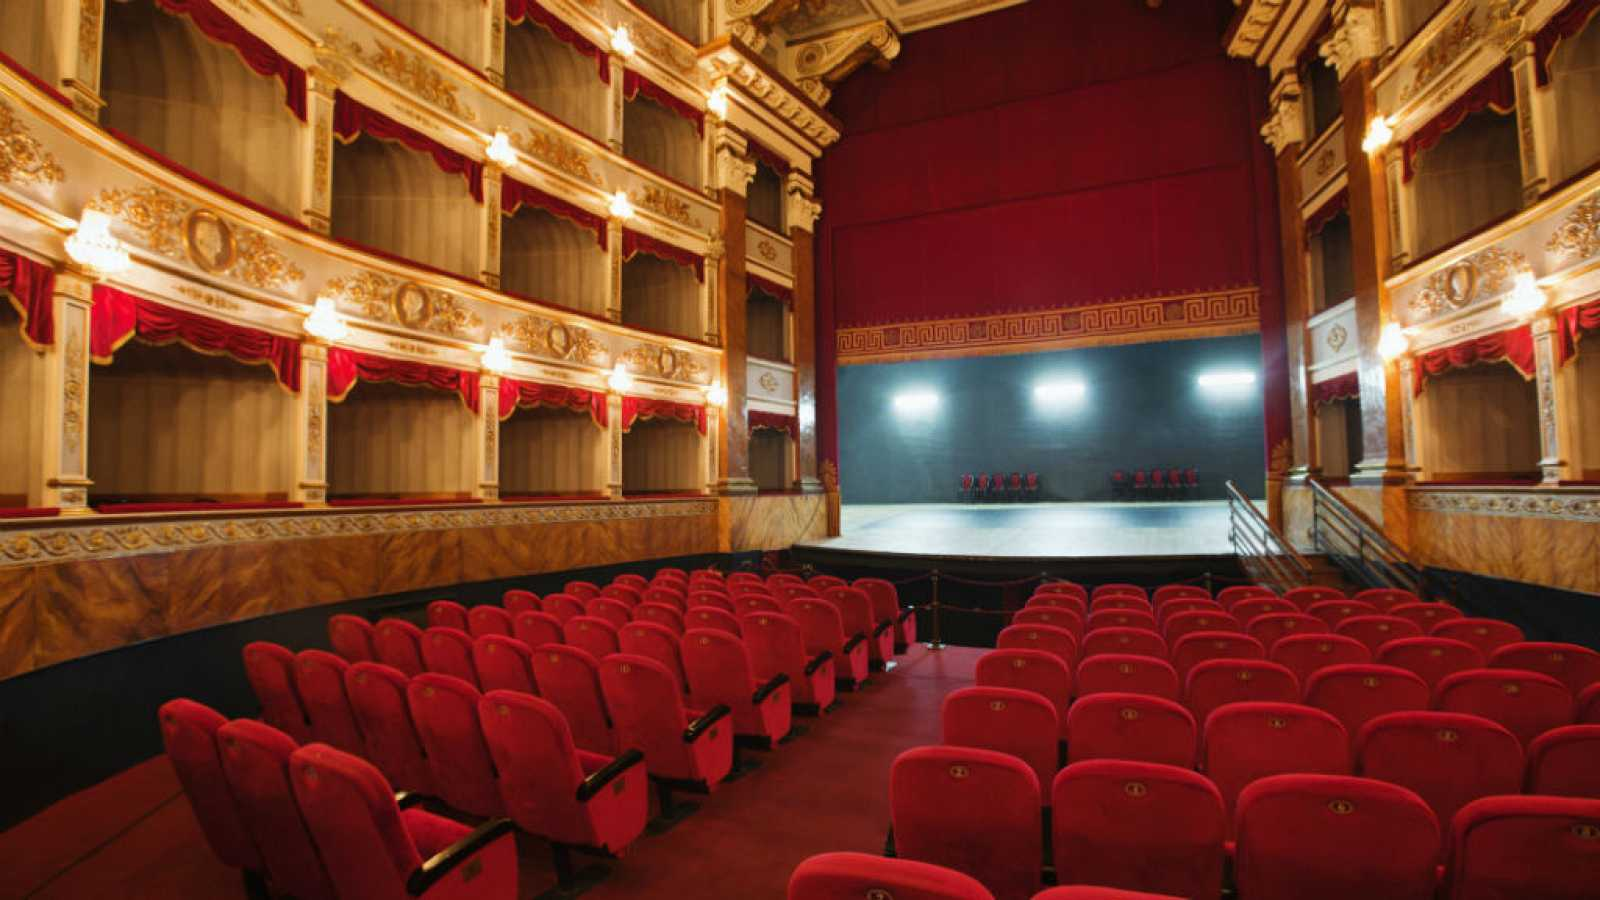 Teatroteca, más de 1500 obras de teatro gratis - escuchar ahora